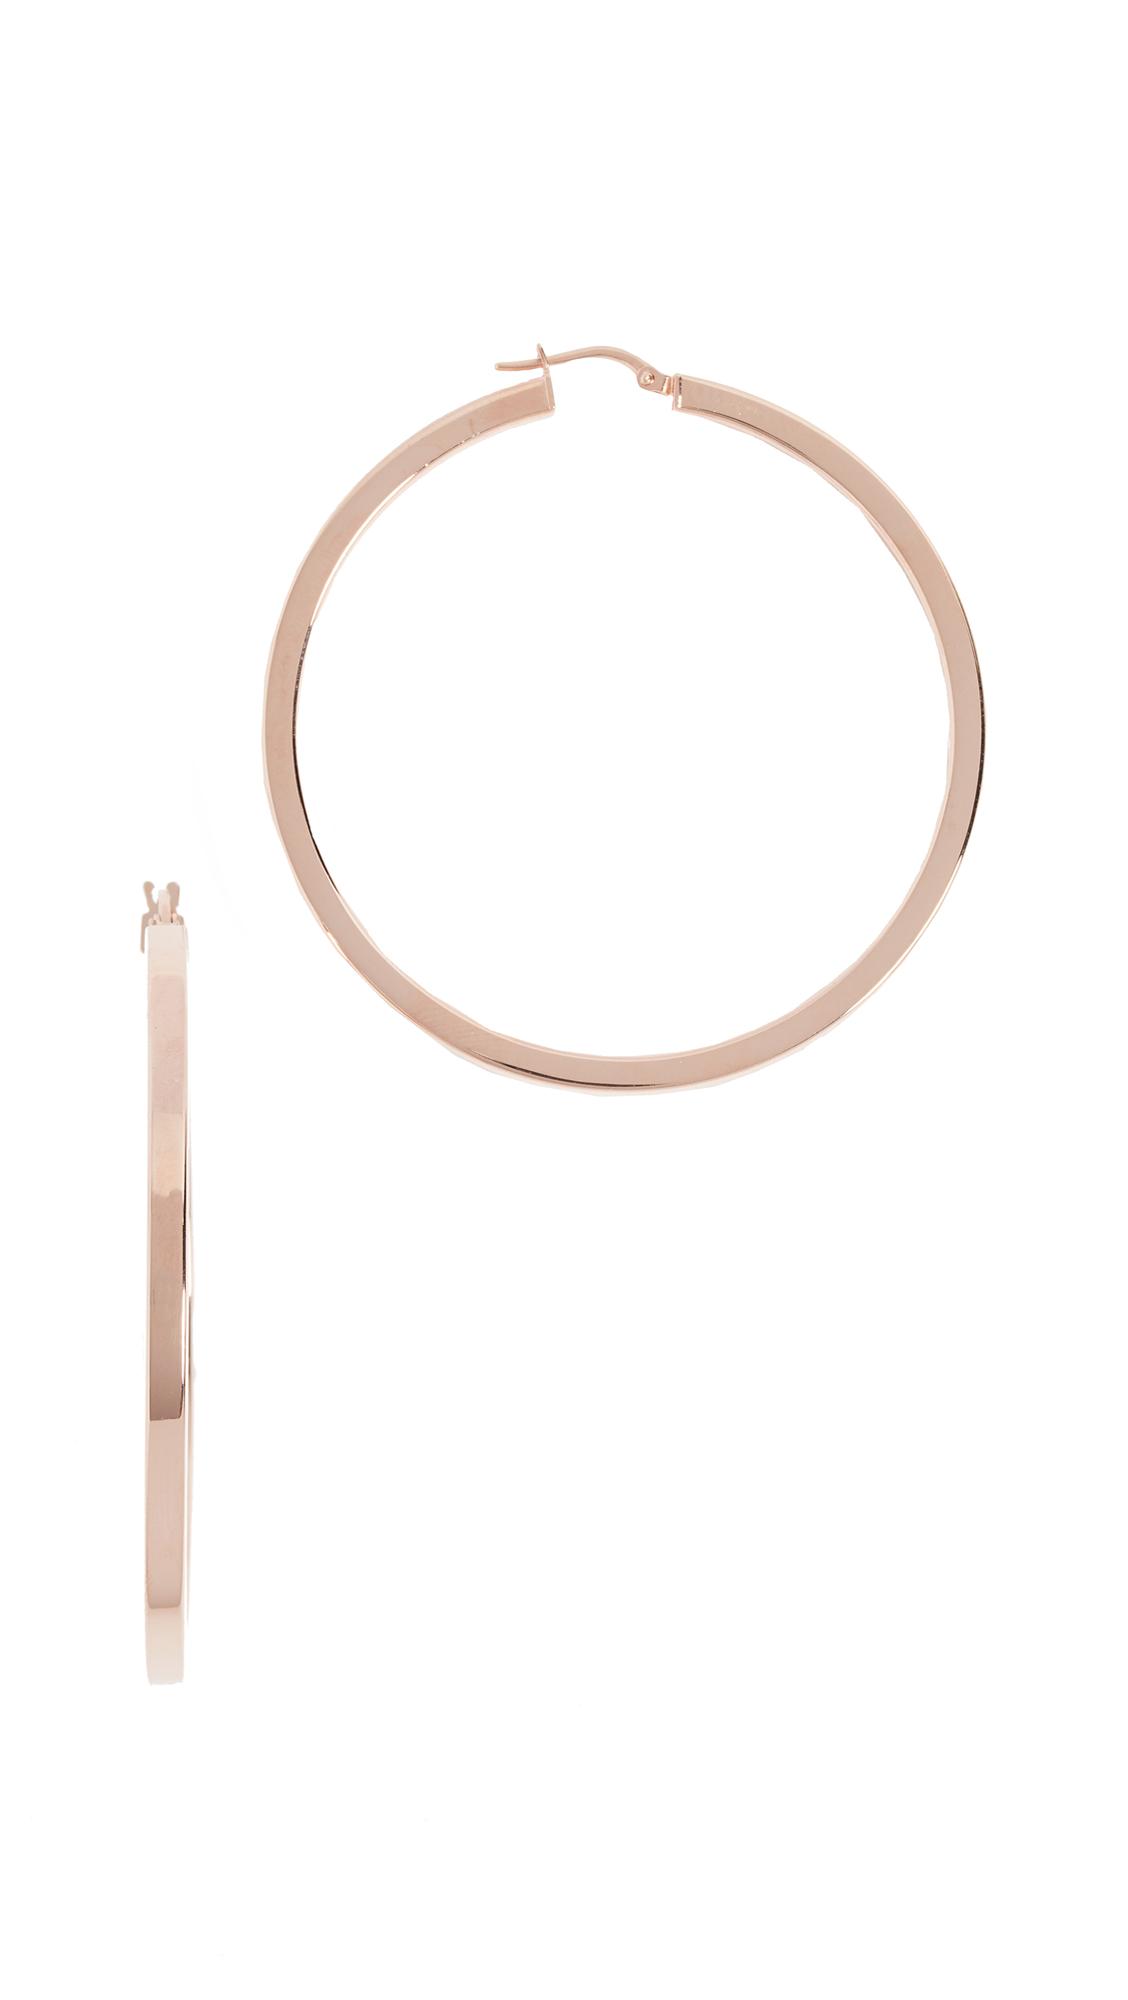 Bronzallure Bamboo Hoop Earrings Z7yHM